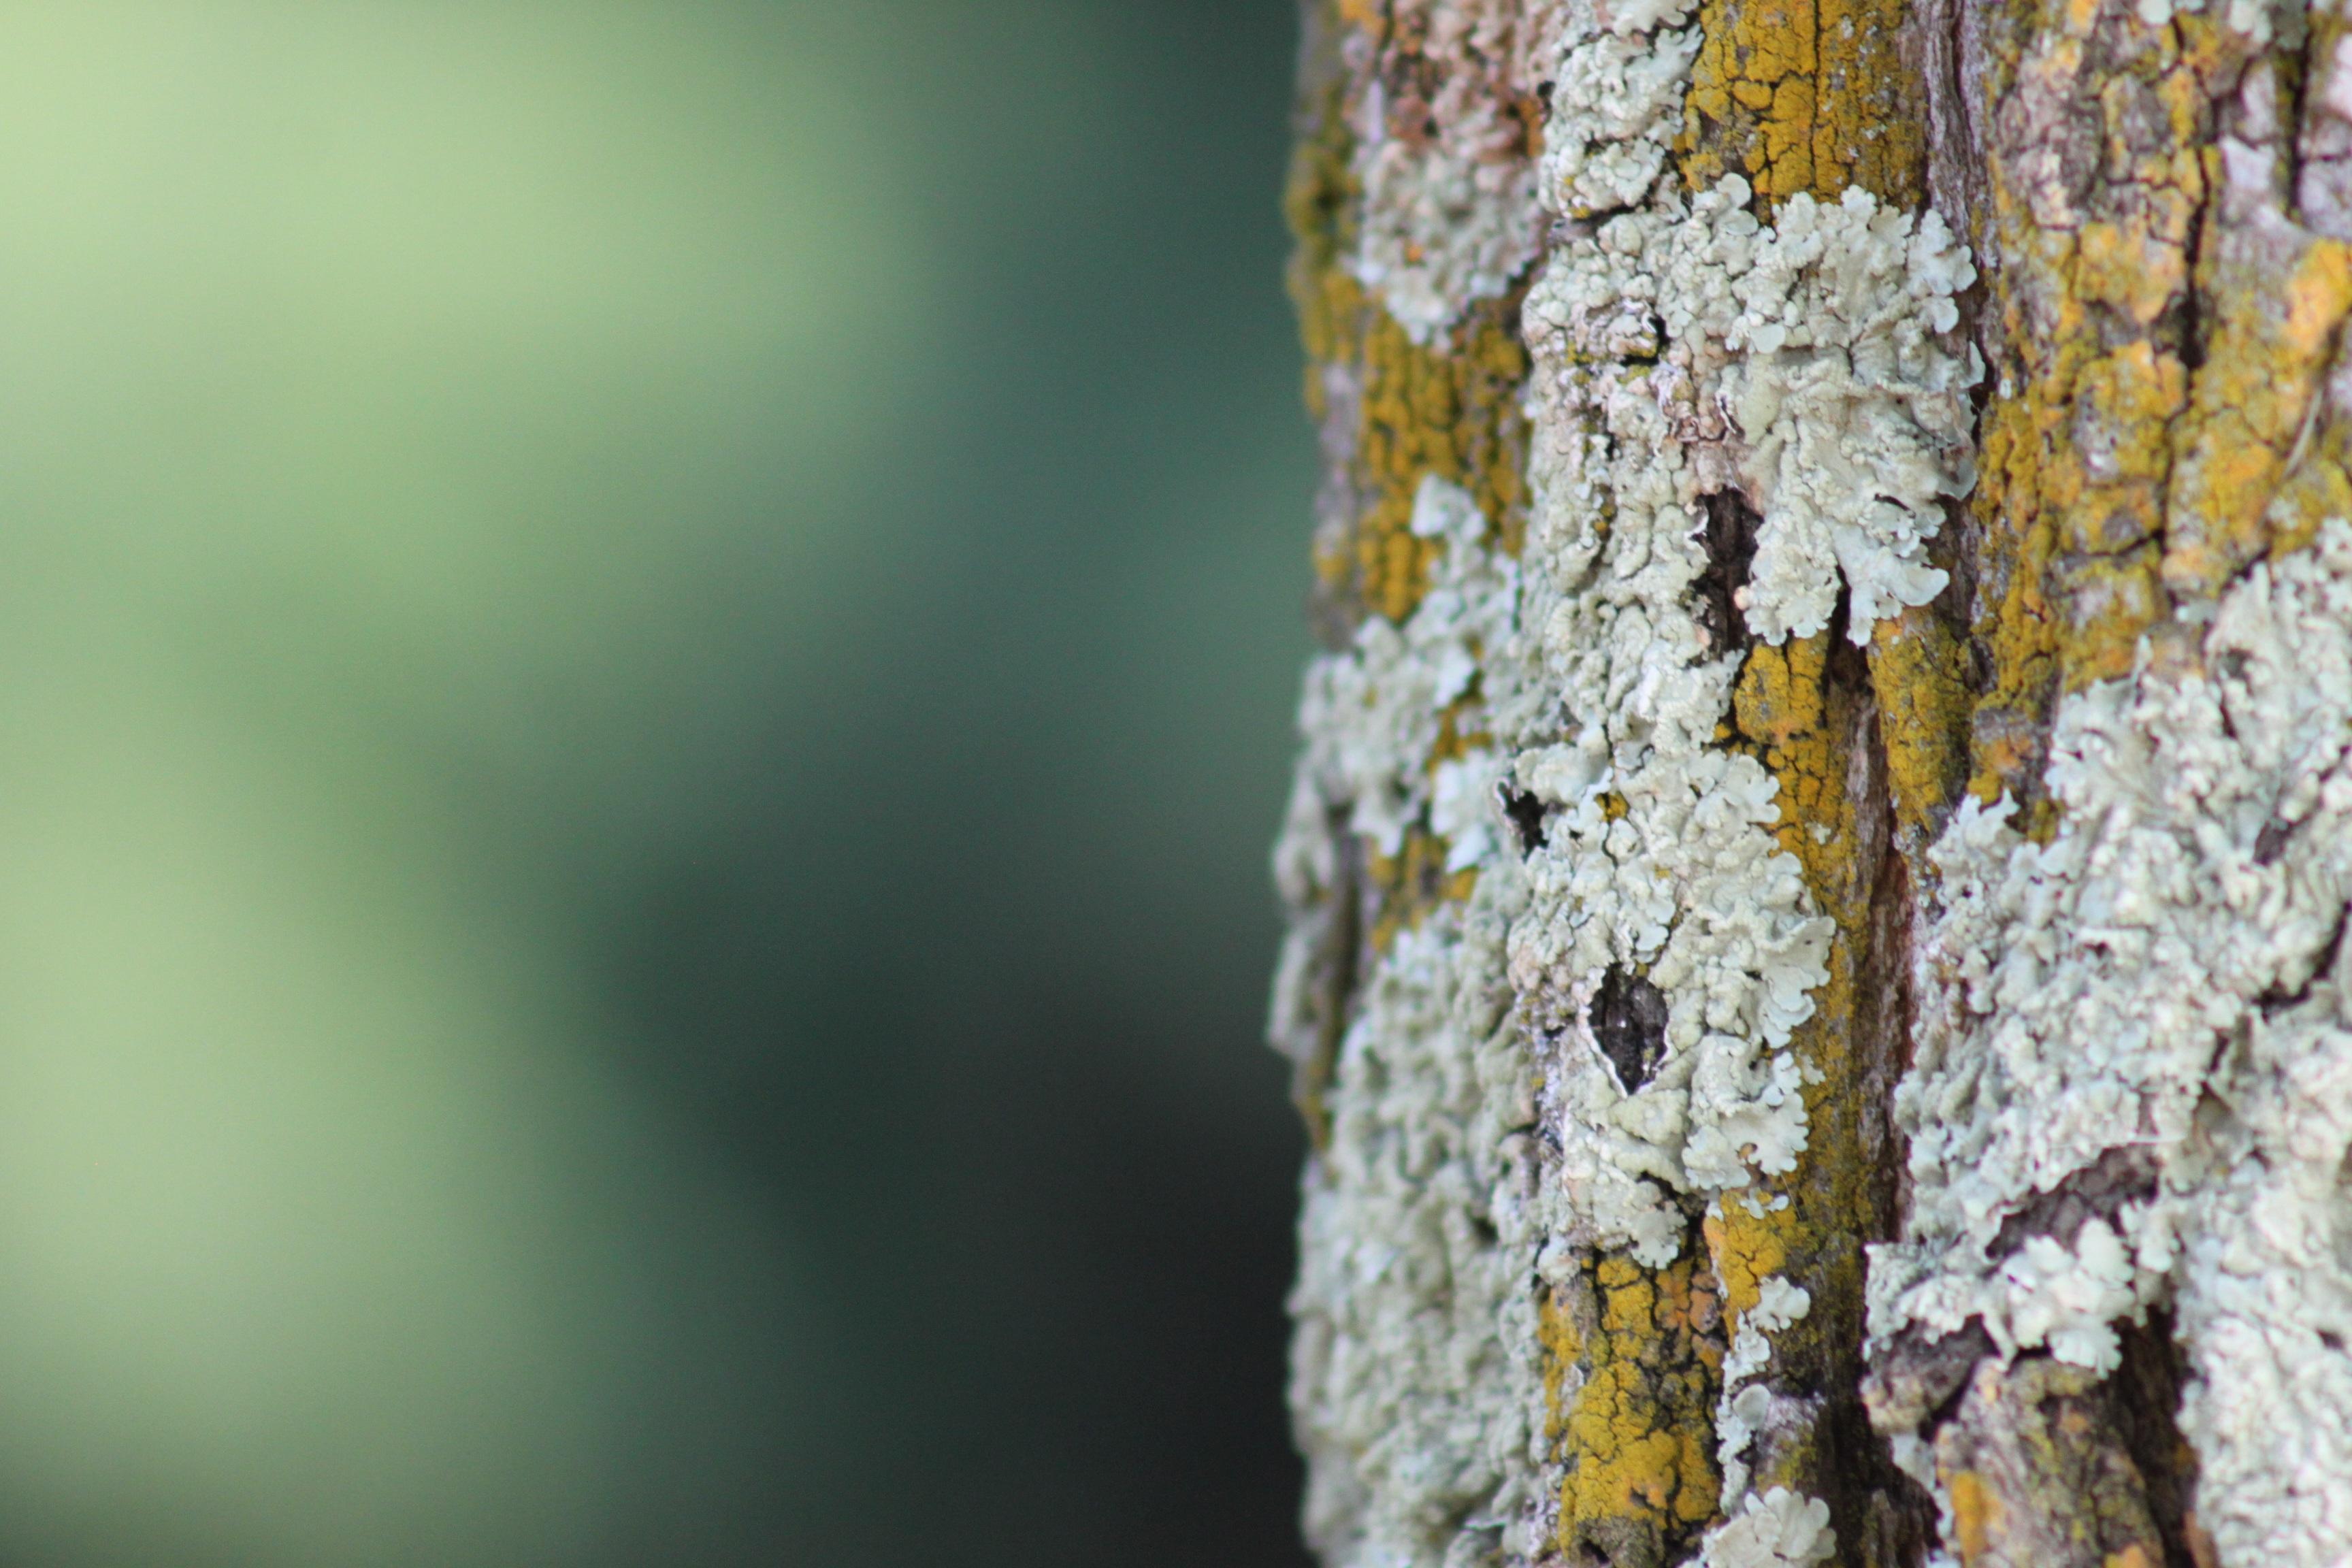 Fotos Gratis Naturaleza Rama Madera Textura Hoja